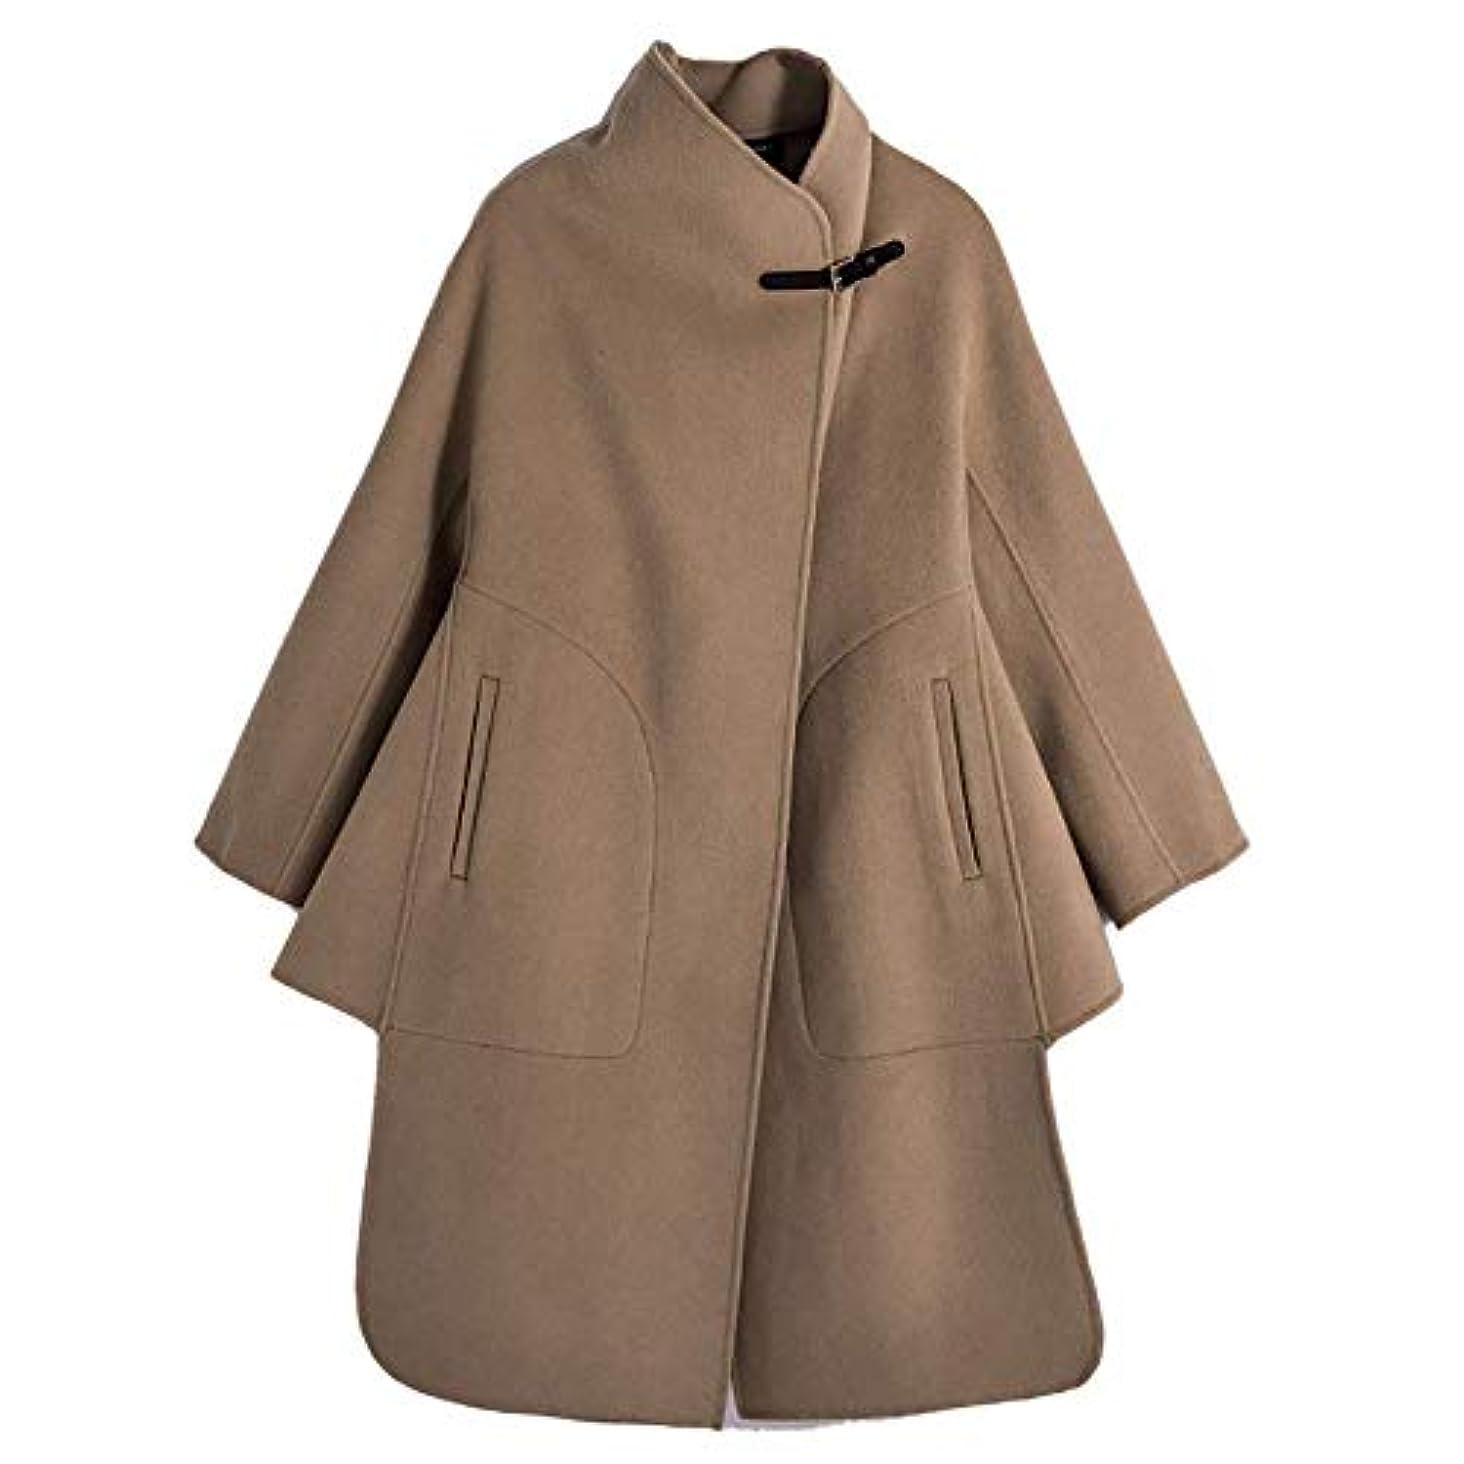 笑いトン変形する両面のウールコート、ウールレザーバックル両面ウールコート女性のウールコートレディースジャケットレディース?コートレディースウインドブレーカージャケット,ブラウン,XS